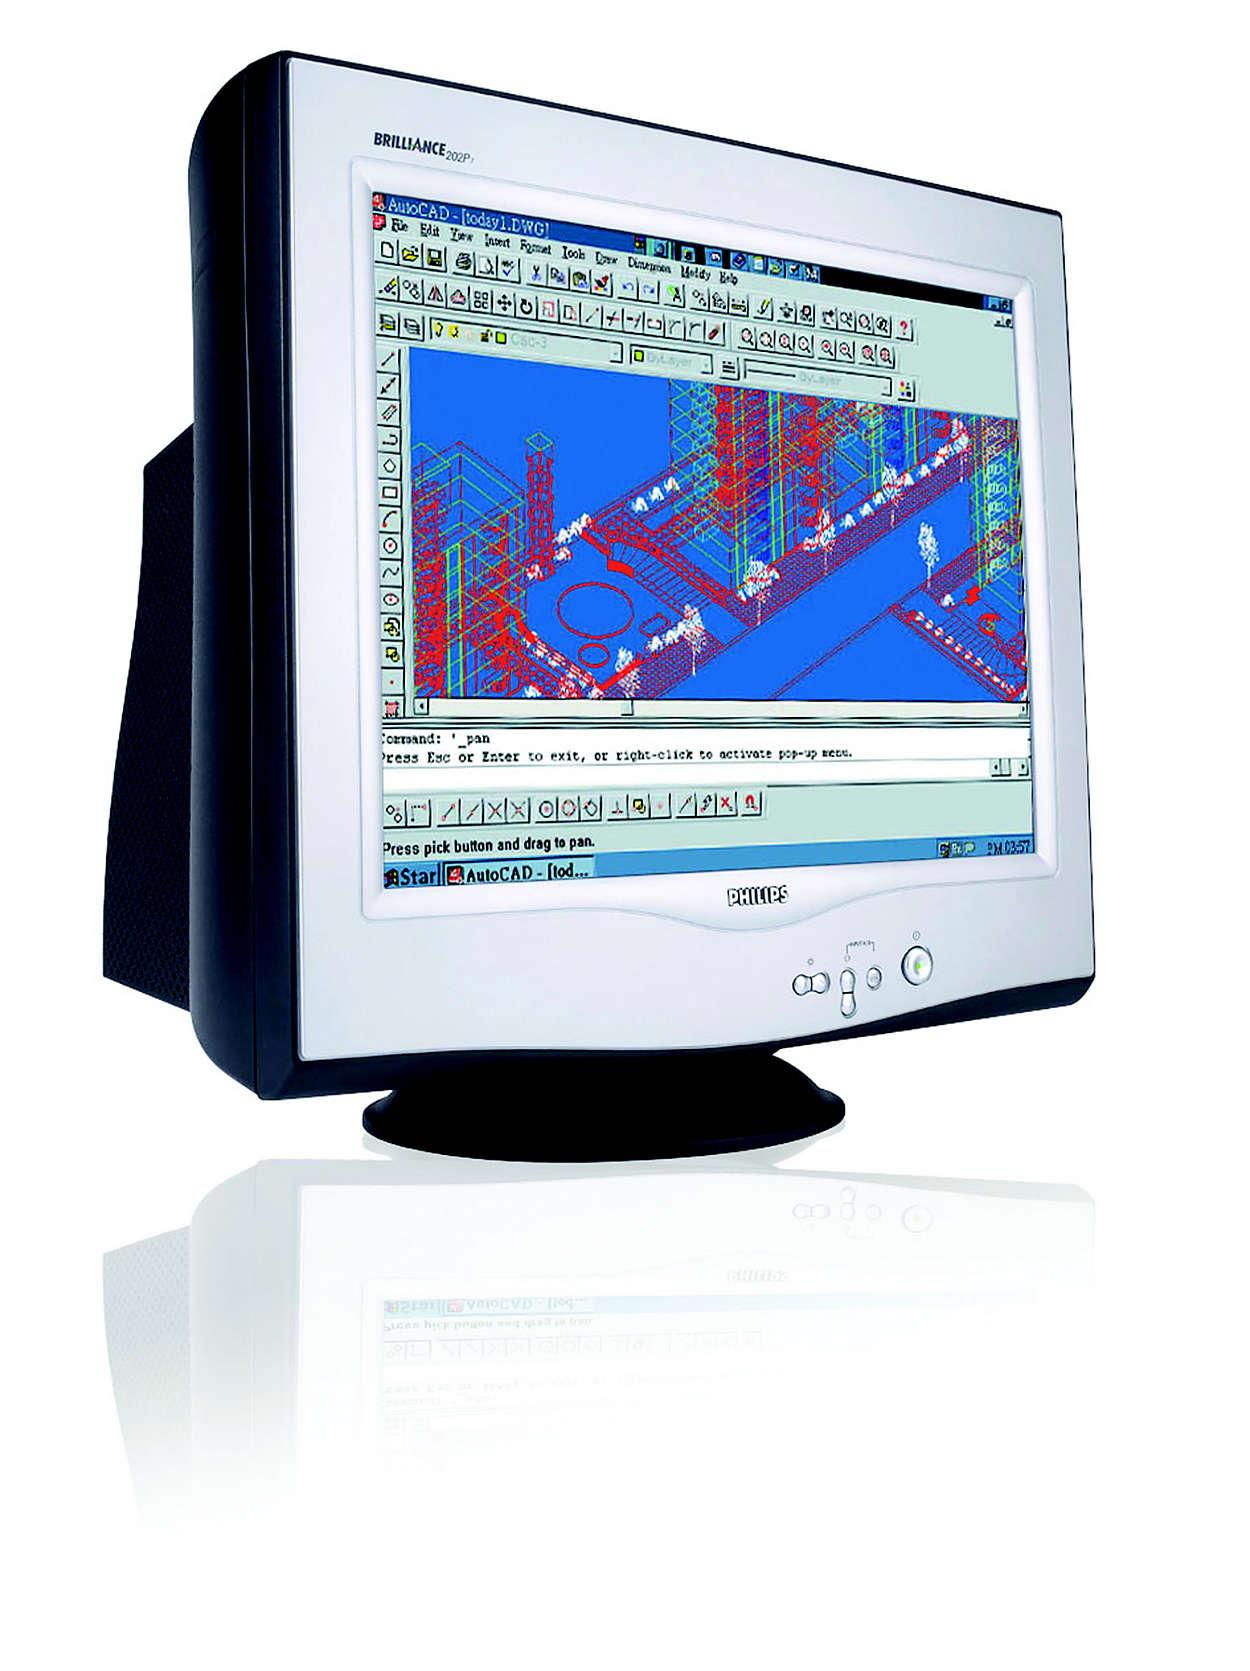 專業級、高解析度的顯示螢幕